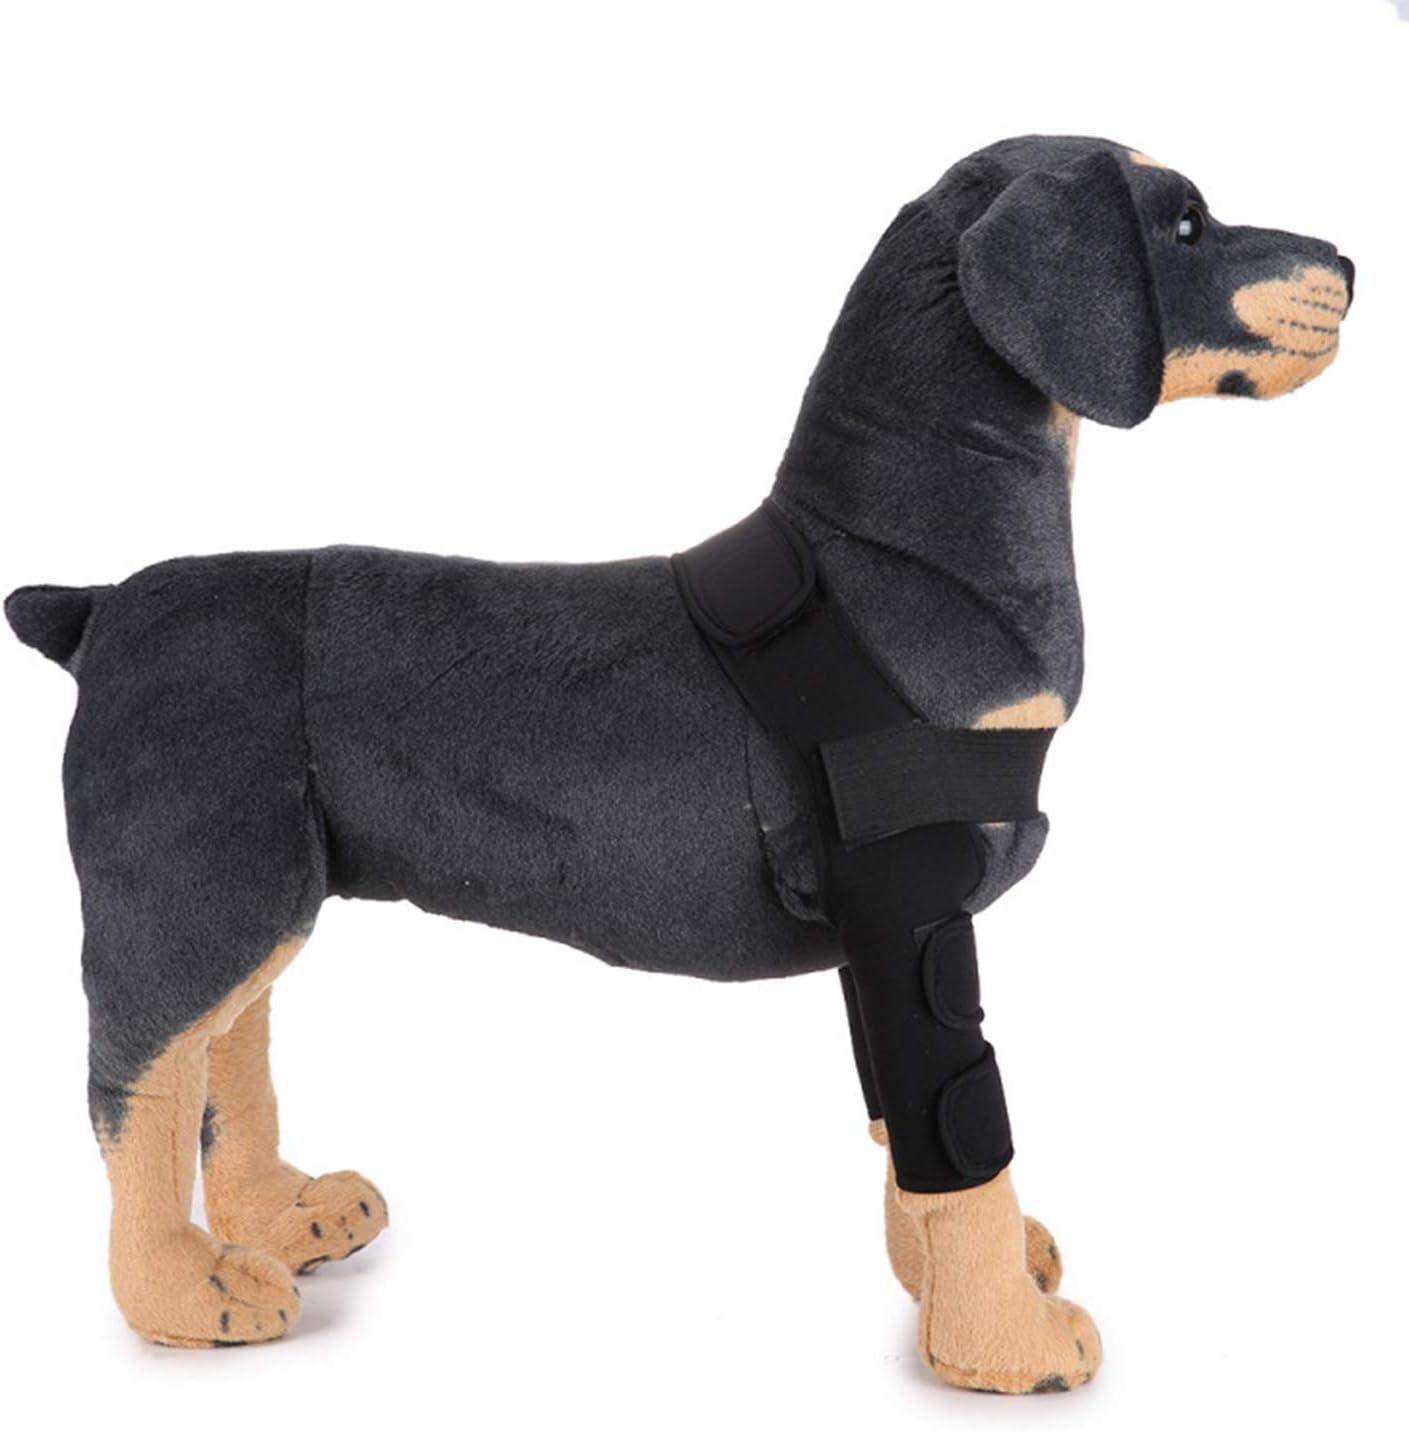 PETCUTE Perro canino Posterior Pierna Hock Extra Apoyo Rodillera del Perro Rodillera Canina Protege heridas Que curan compresión Soporte (1 par)